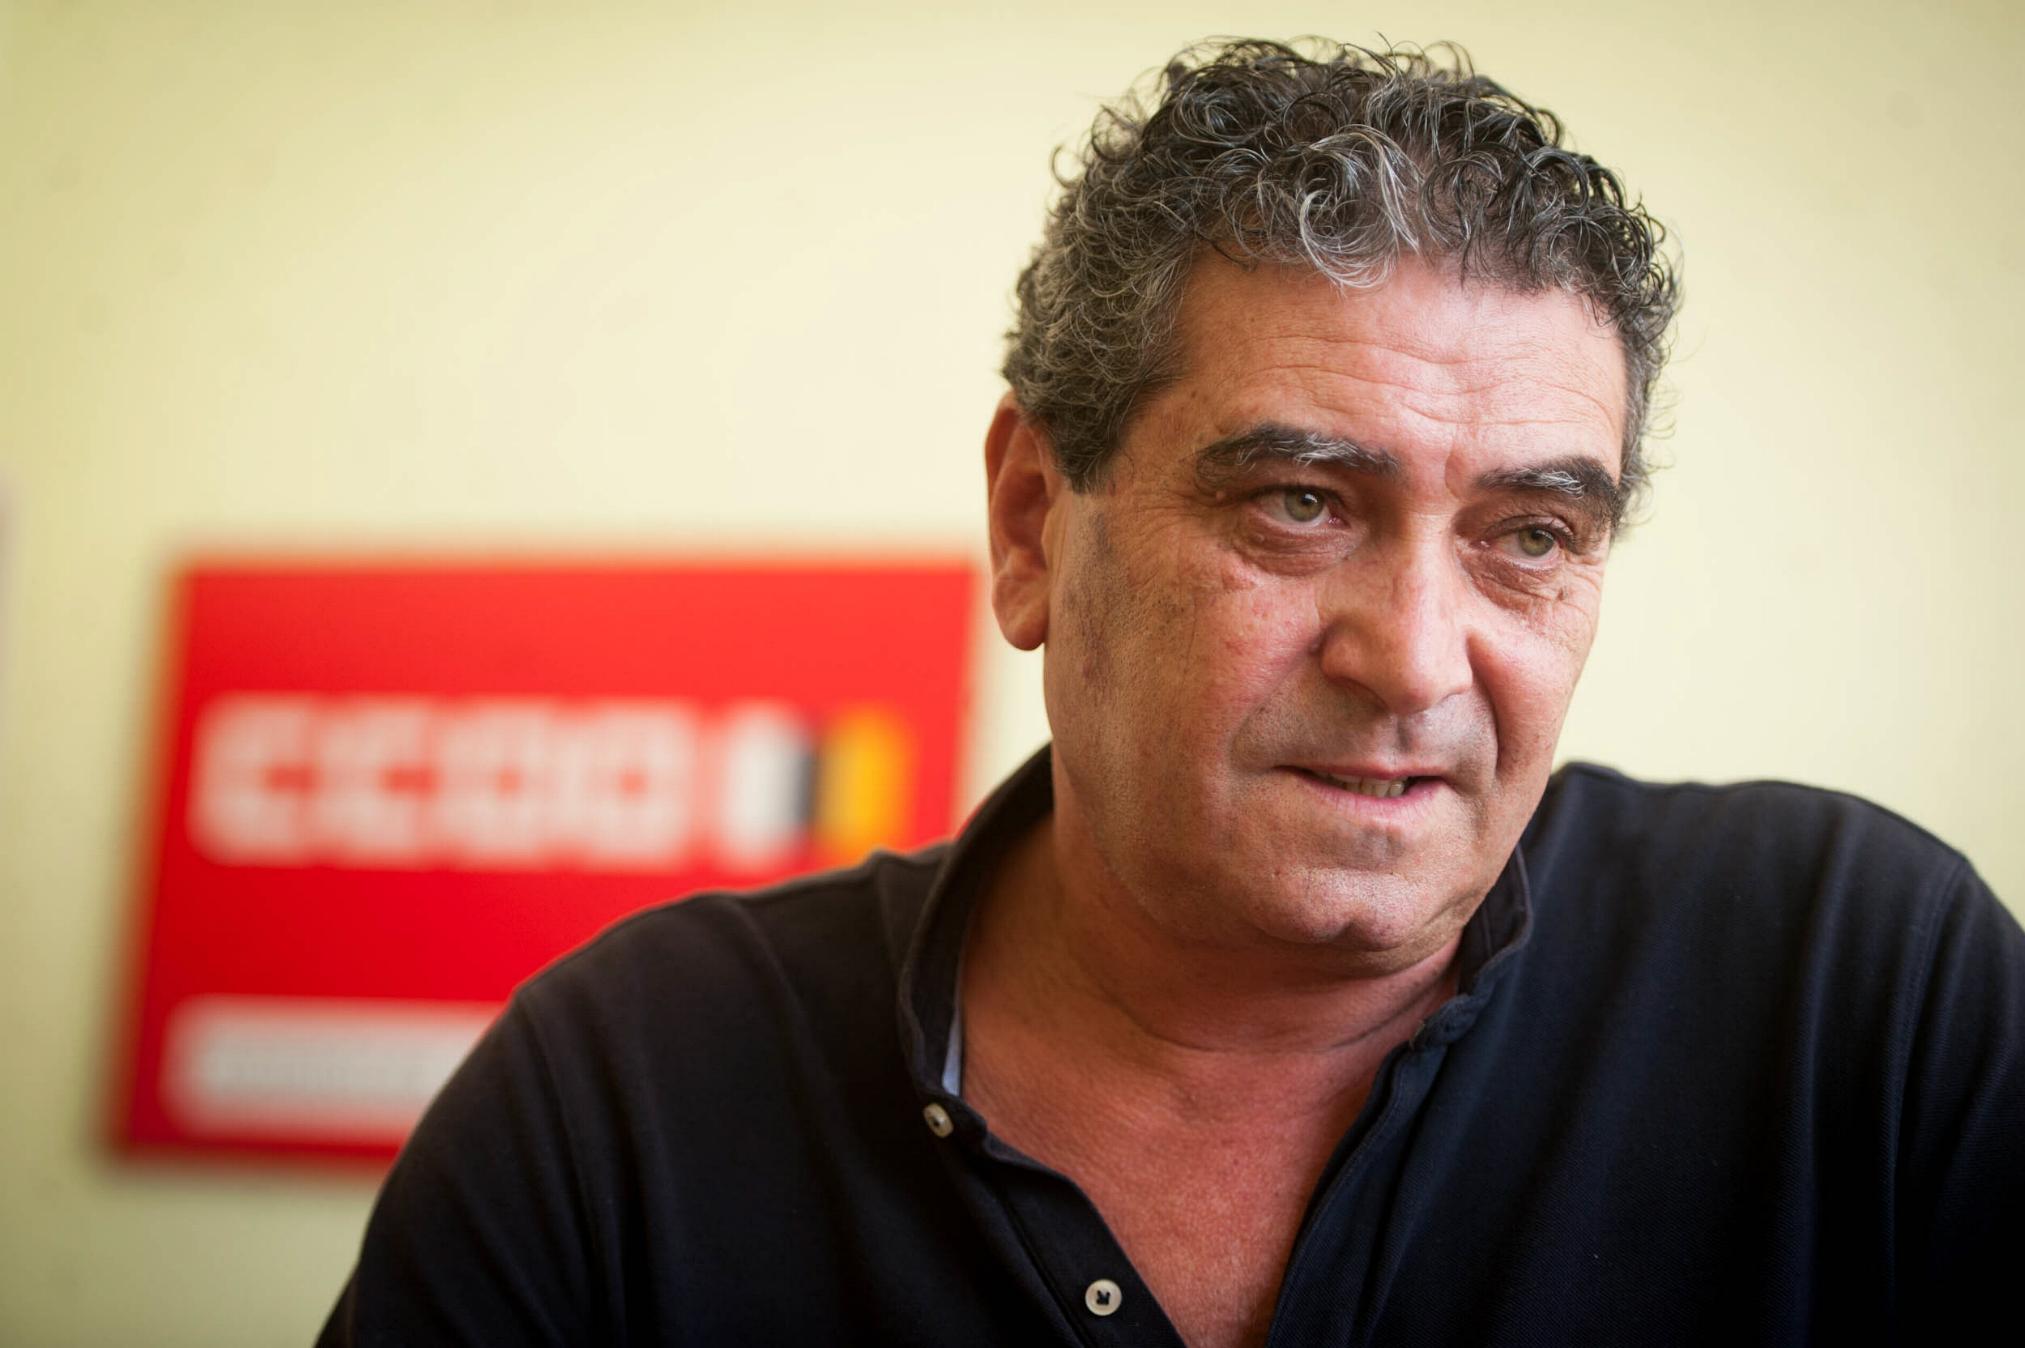 Inocencio González, secretario general de CC.OO. en Canarias. / FRAN PALLERO